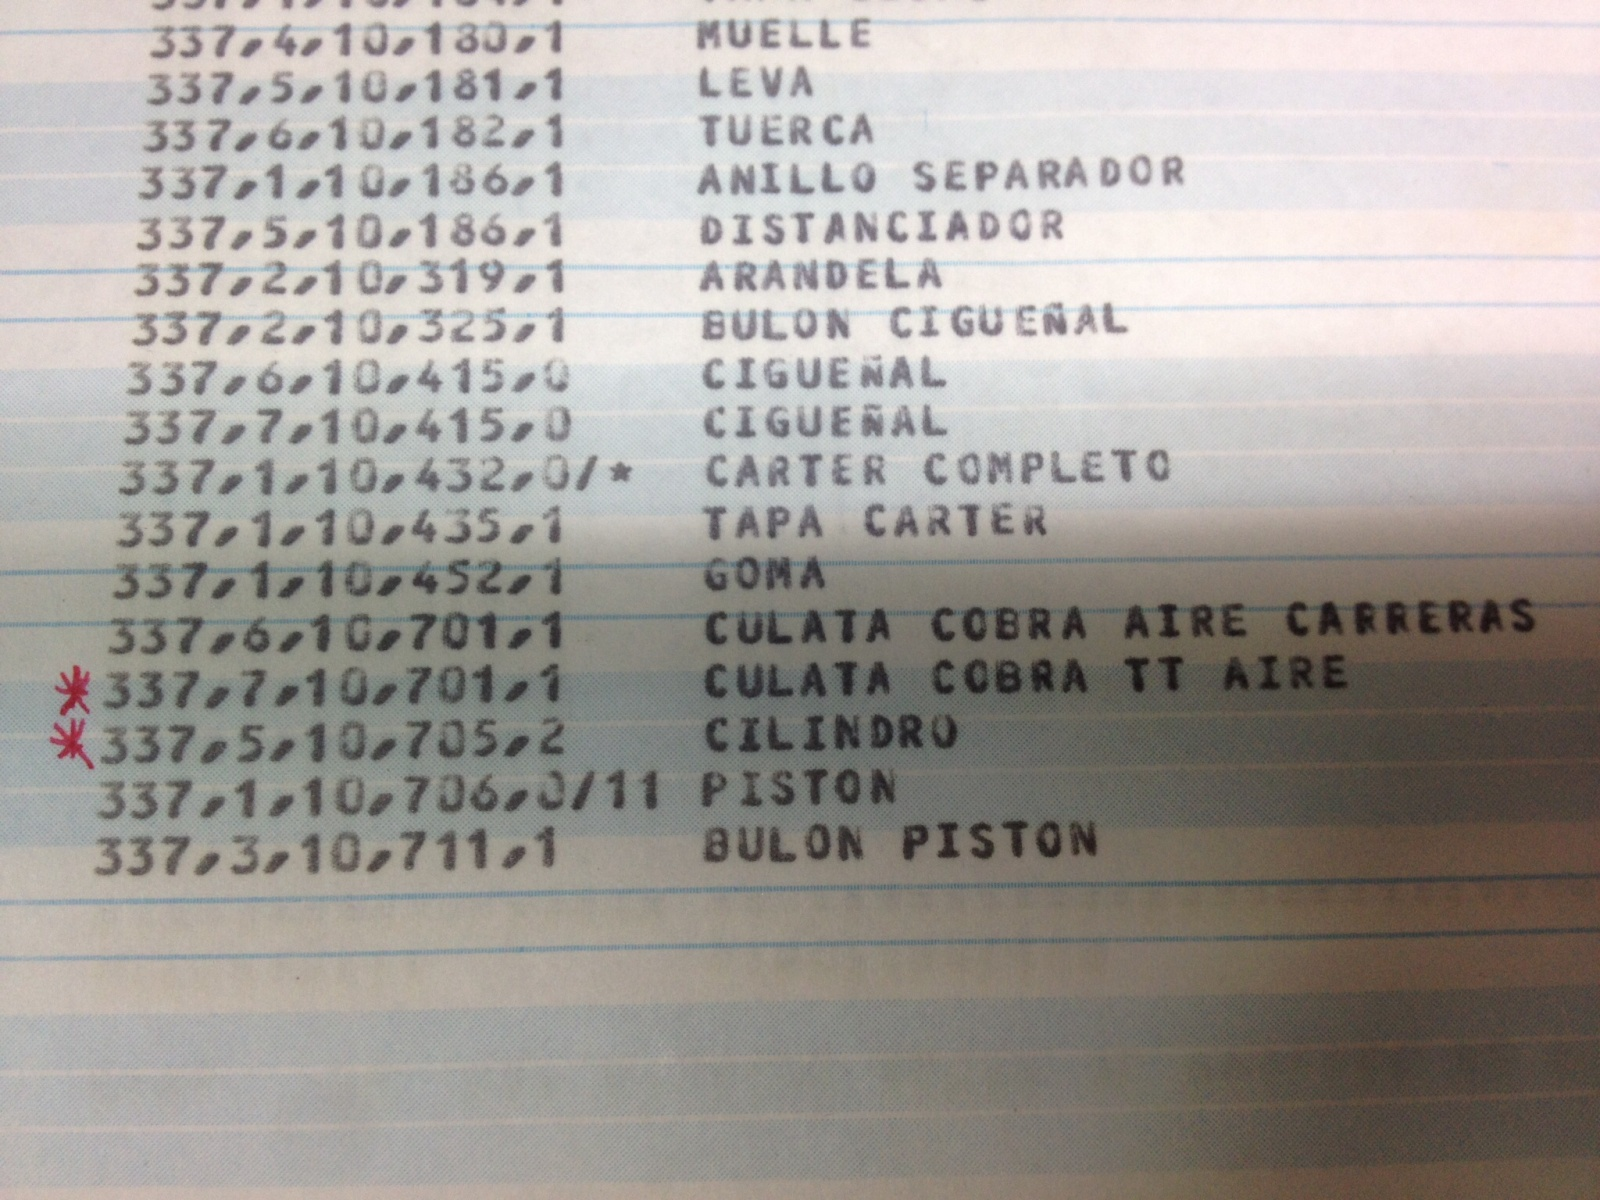 Puch Cobra - Distribución De Cilindros - Página 5 10d63v4